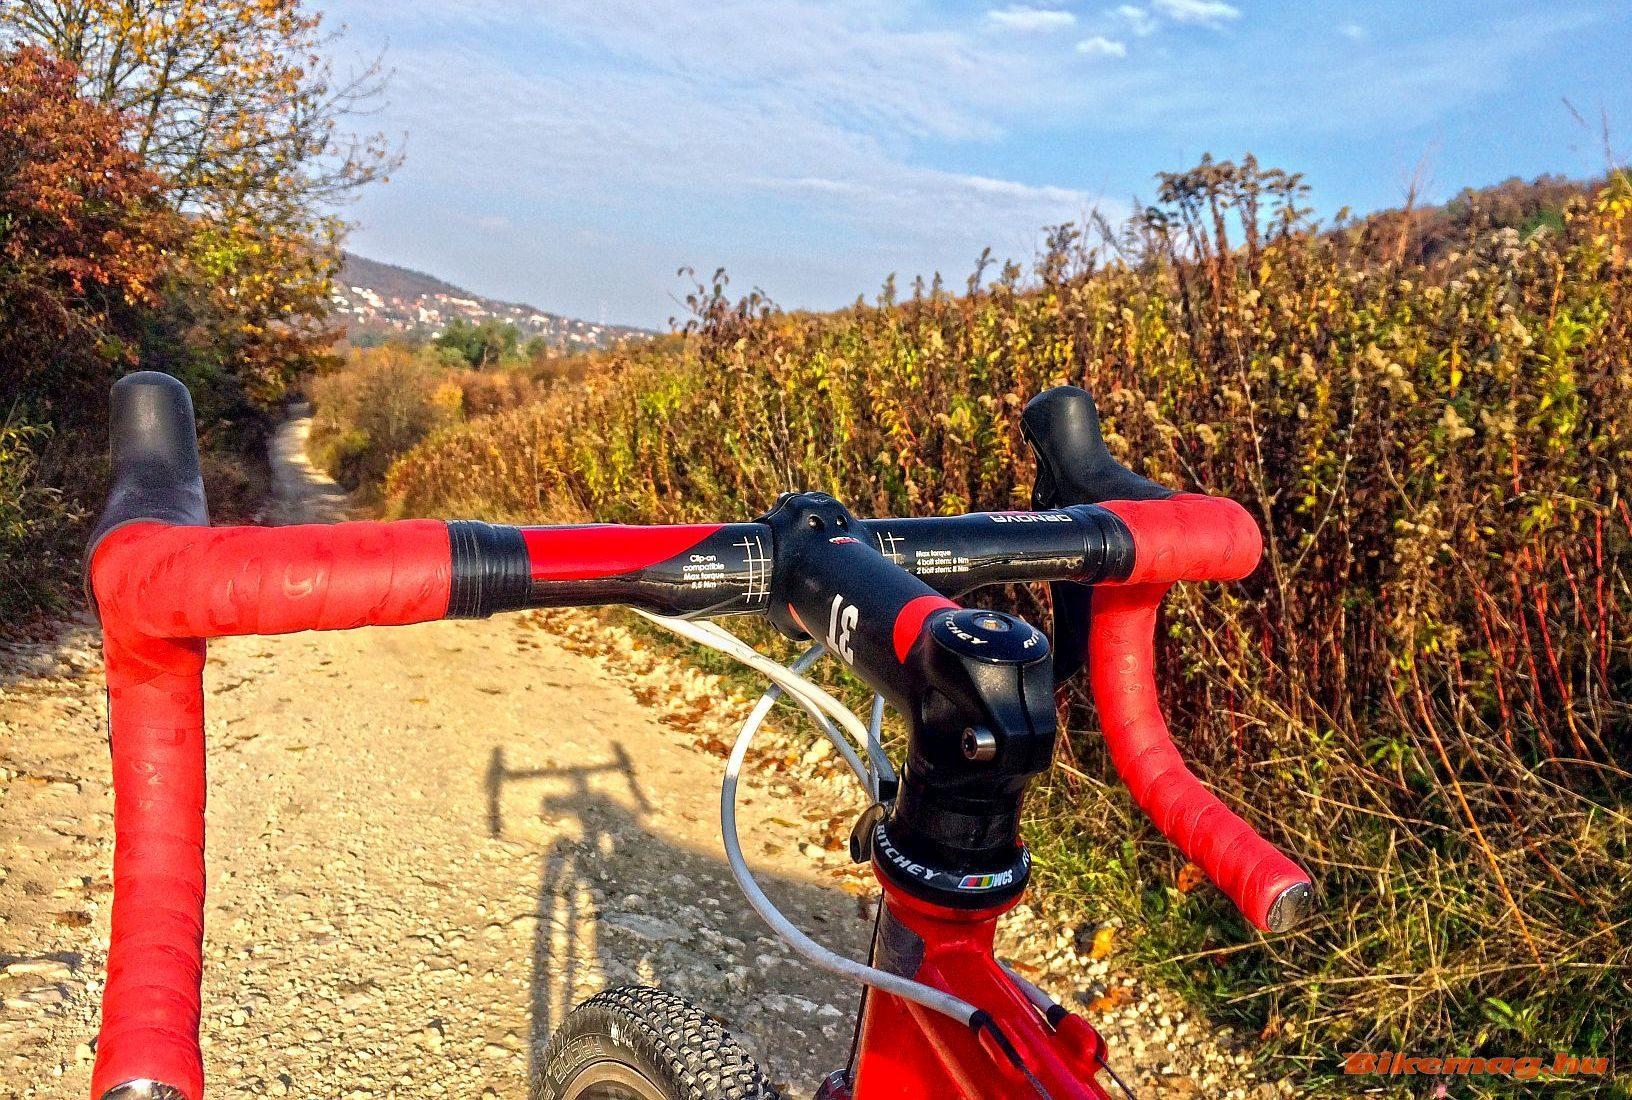 3T ARX II Team stucni és 3T Tornova kormány cyclocross kerékpárban tesztelve